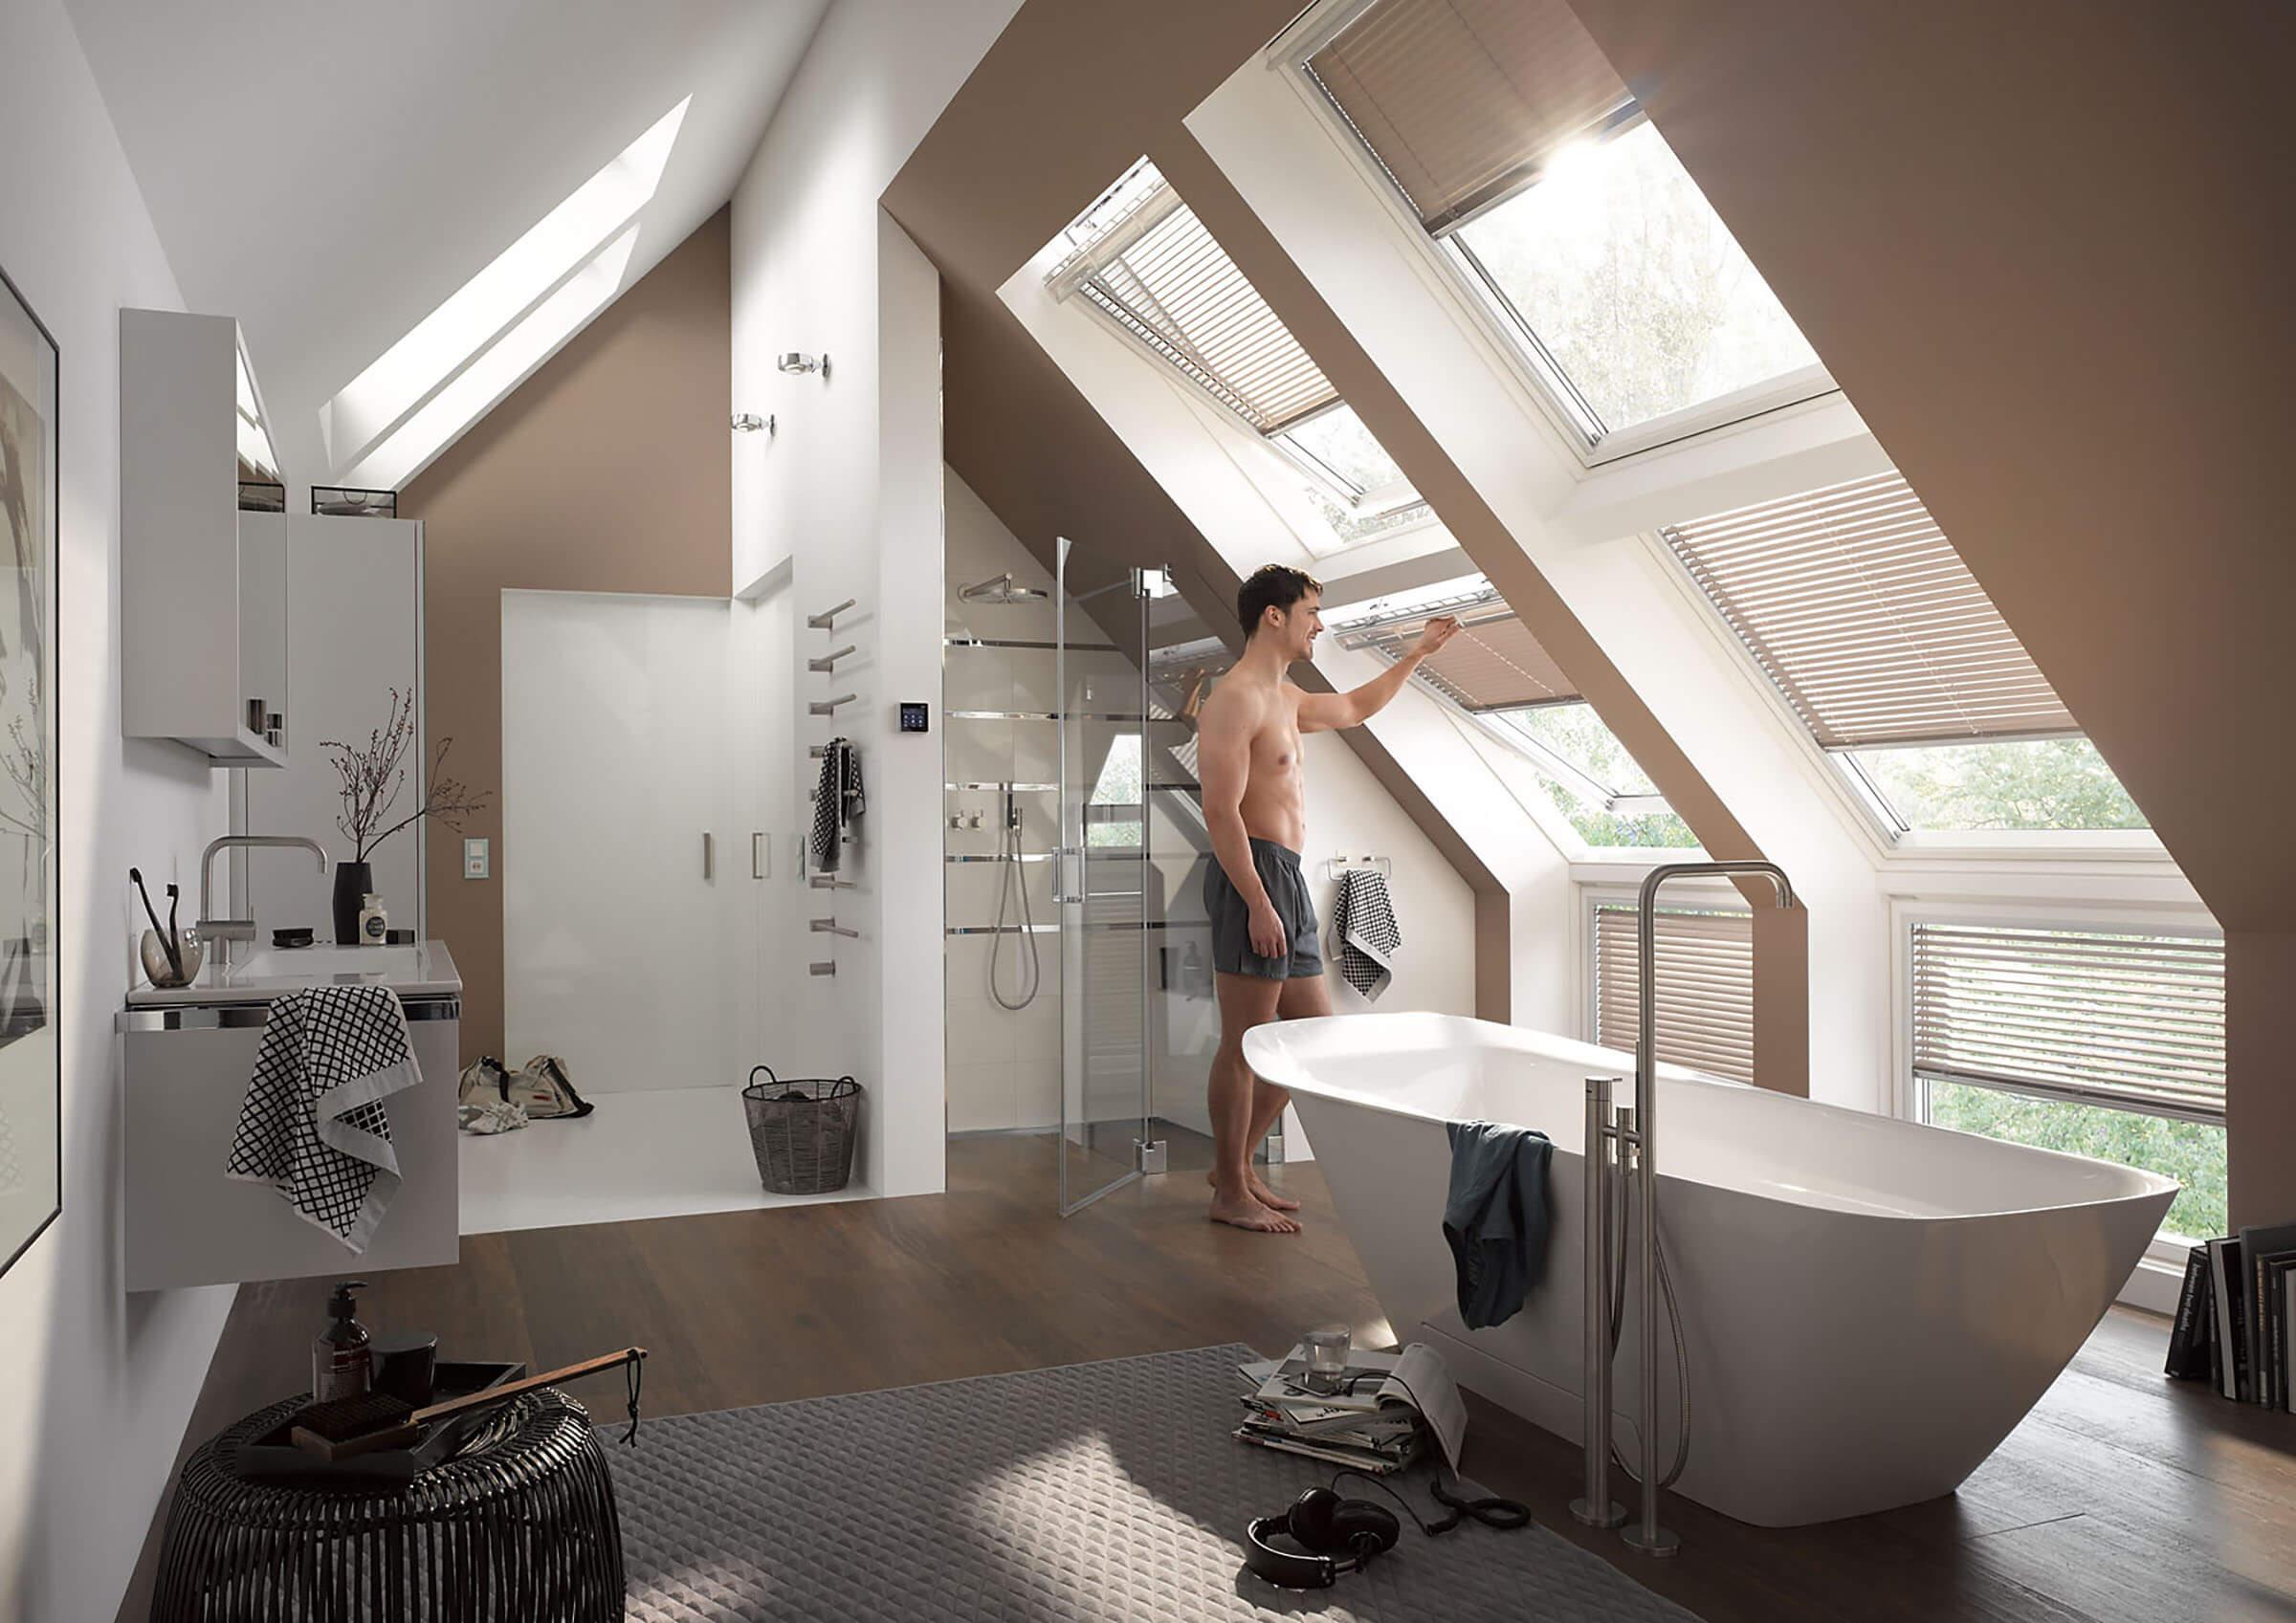 Jalousien für Dachfenster Farbe Beige im Badezimmer